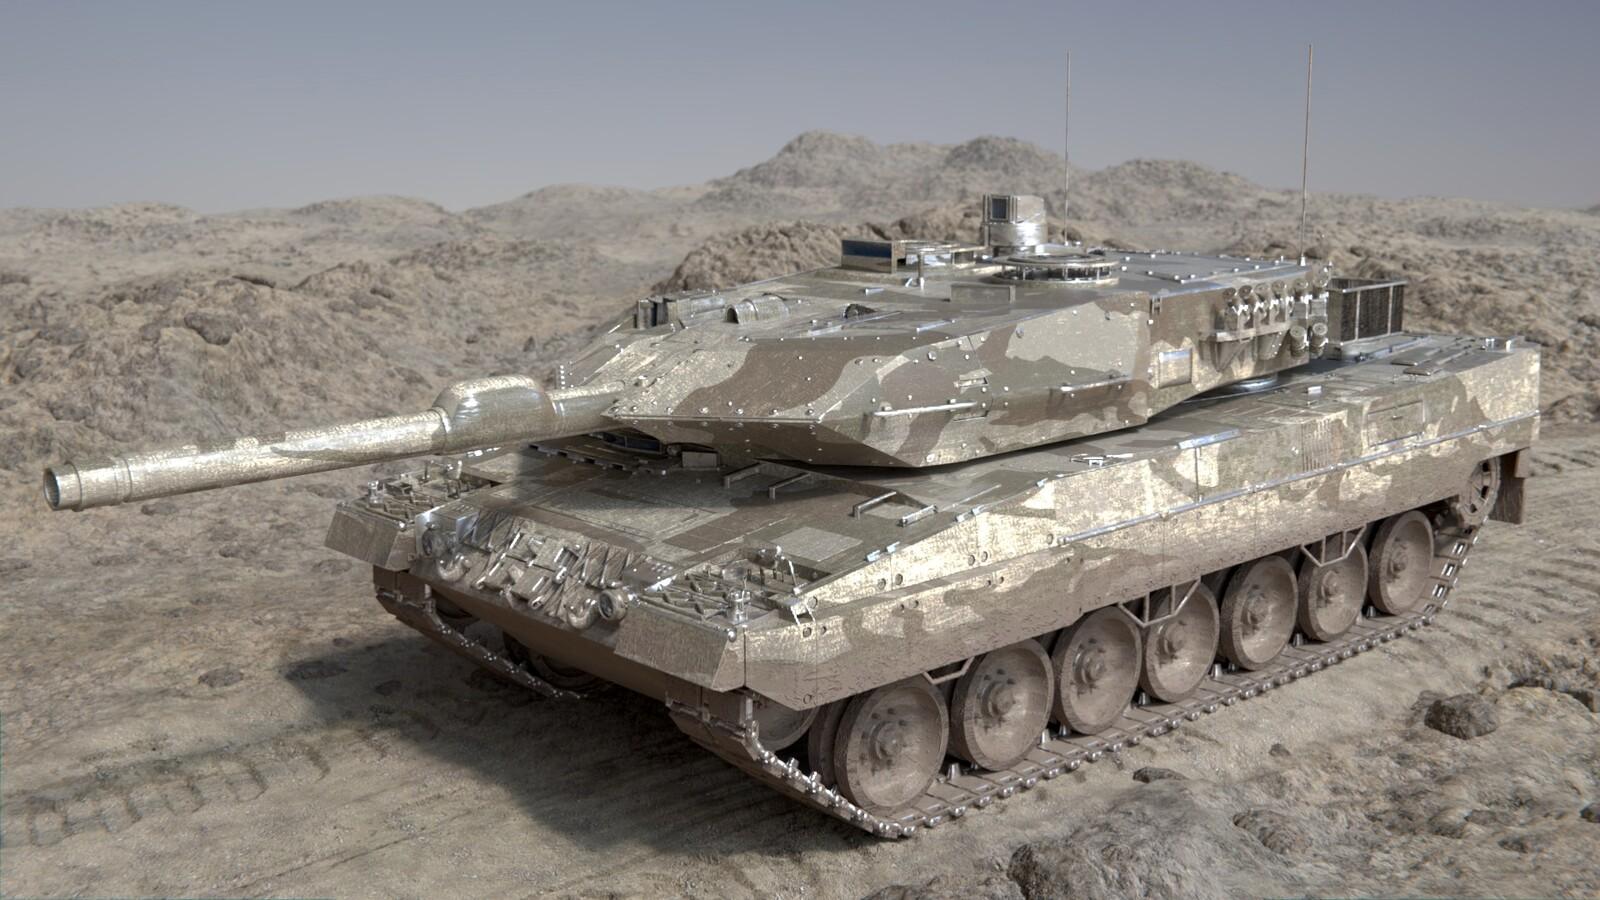 Desert Leopard 2a Tank